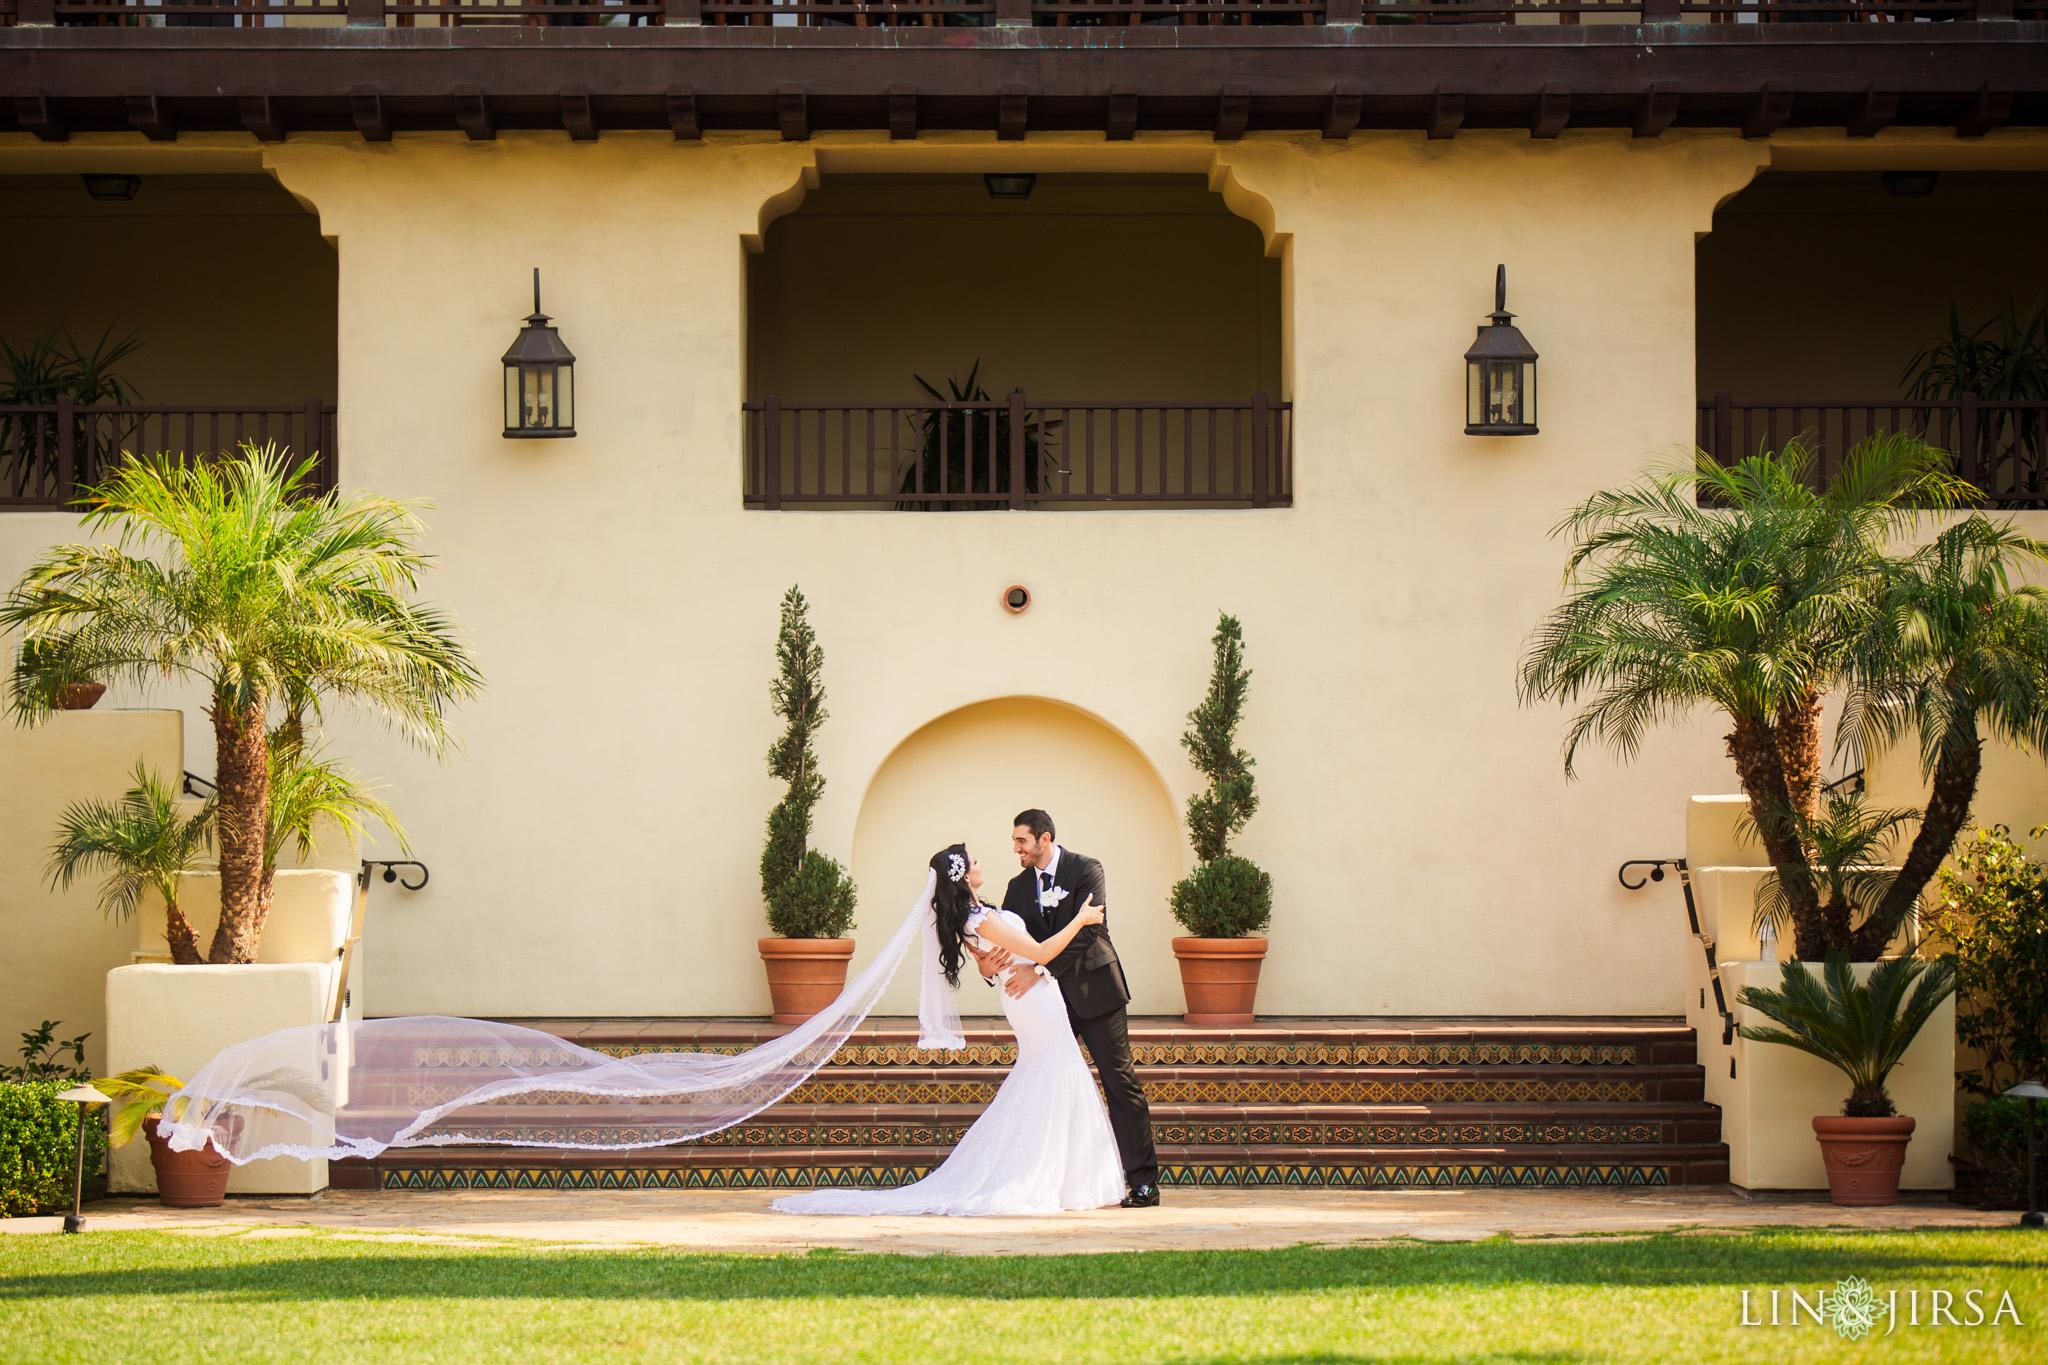 040 estancia la jolla hotel spa persian wedding photography